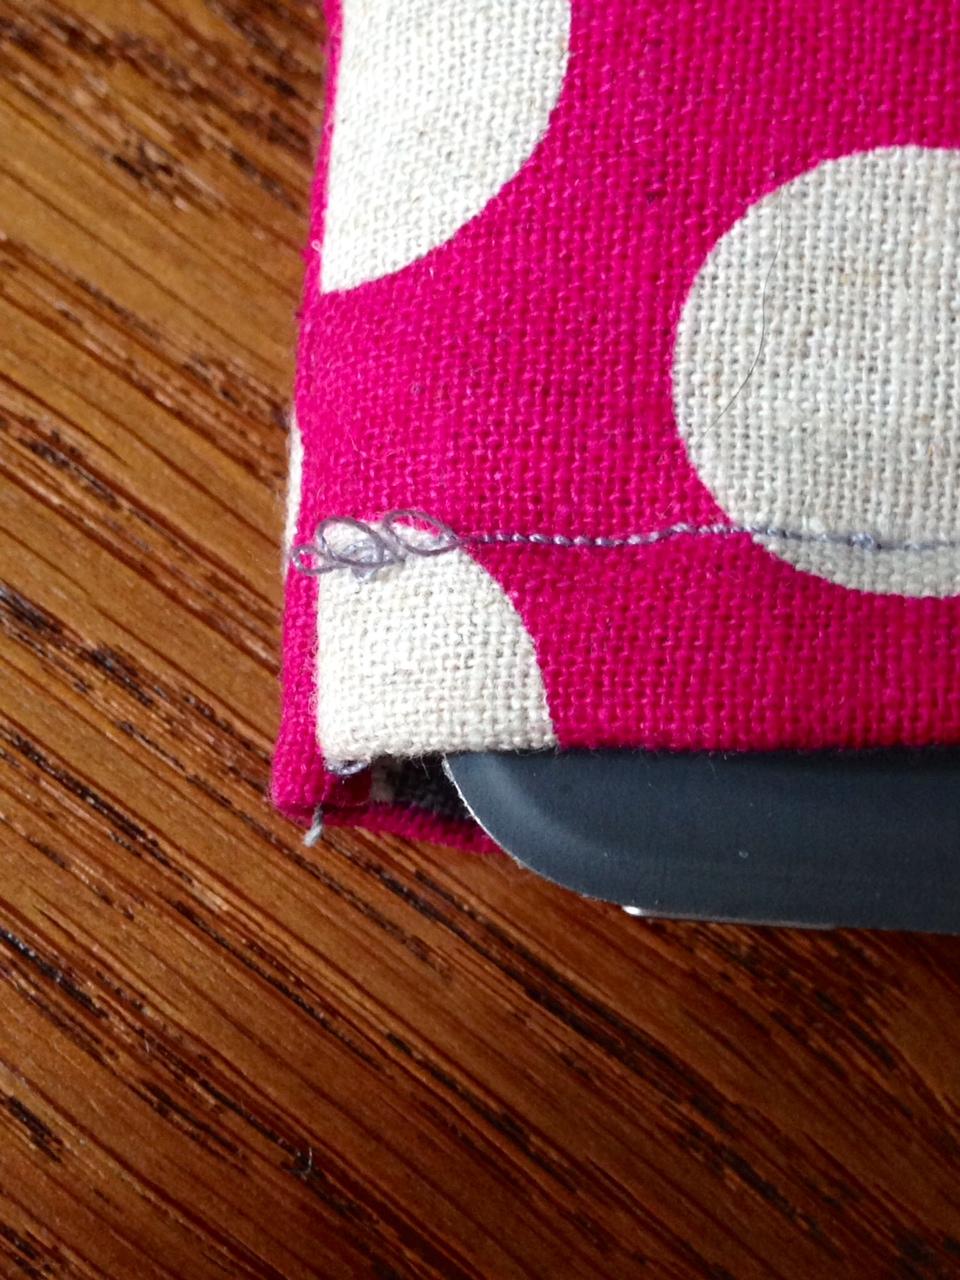 sewing machine fail